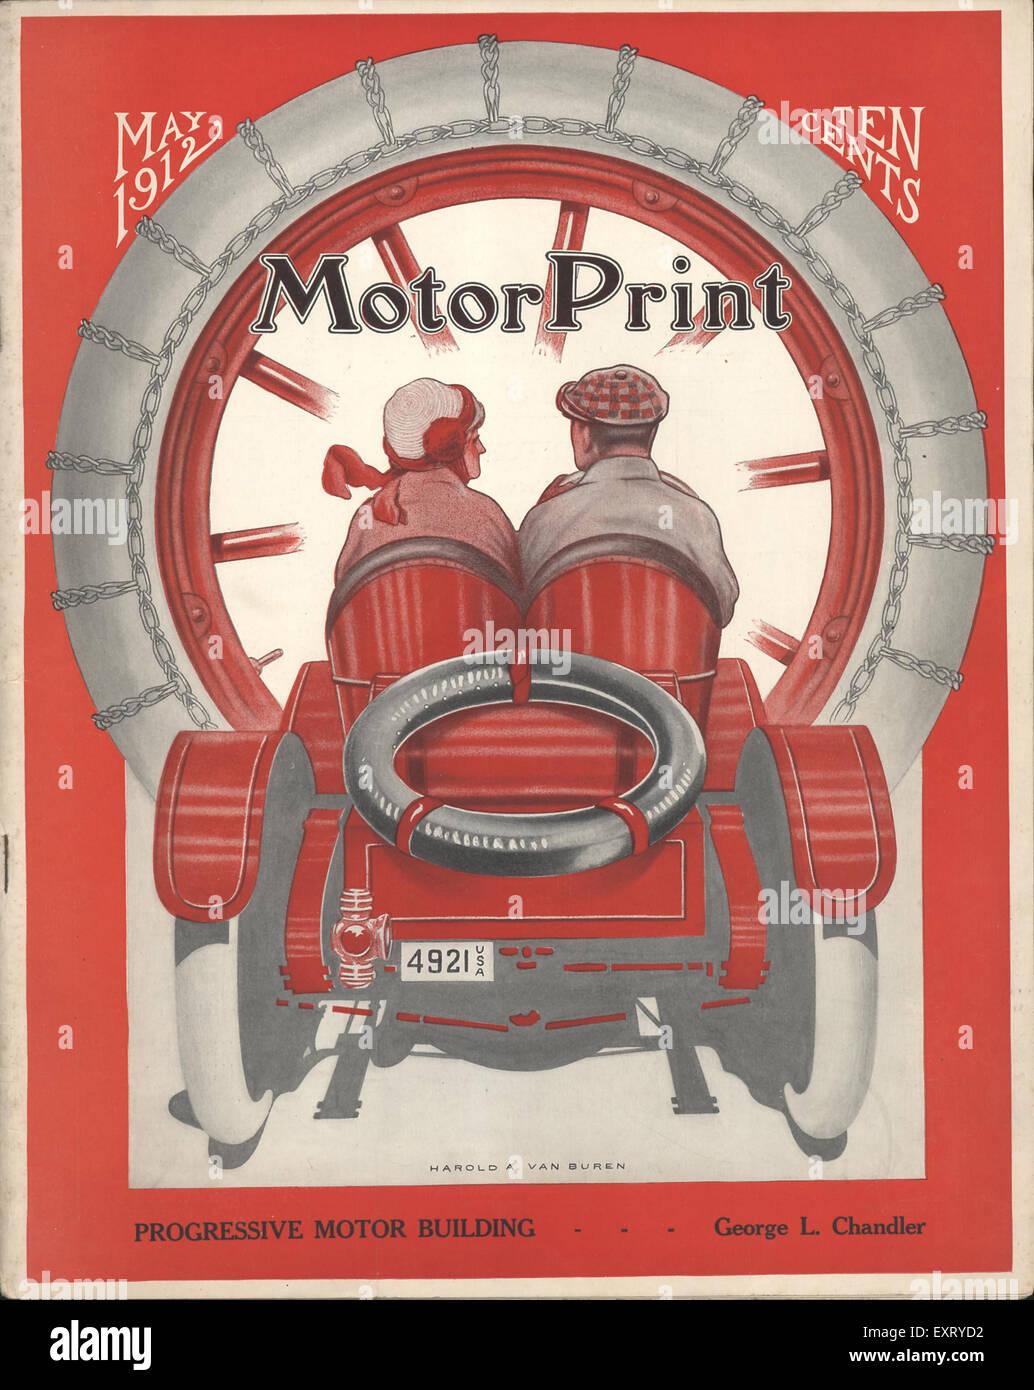 1910er Jahre USA Motor Print Magazin-Cover Stockbild